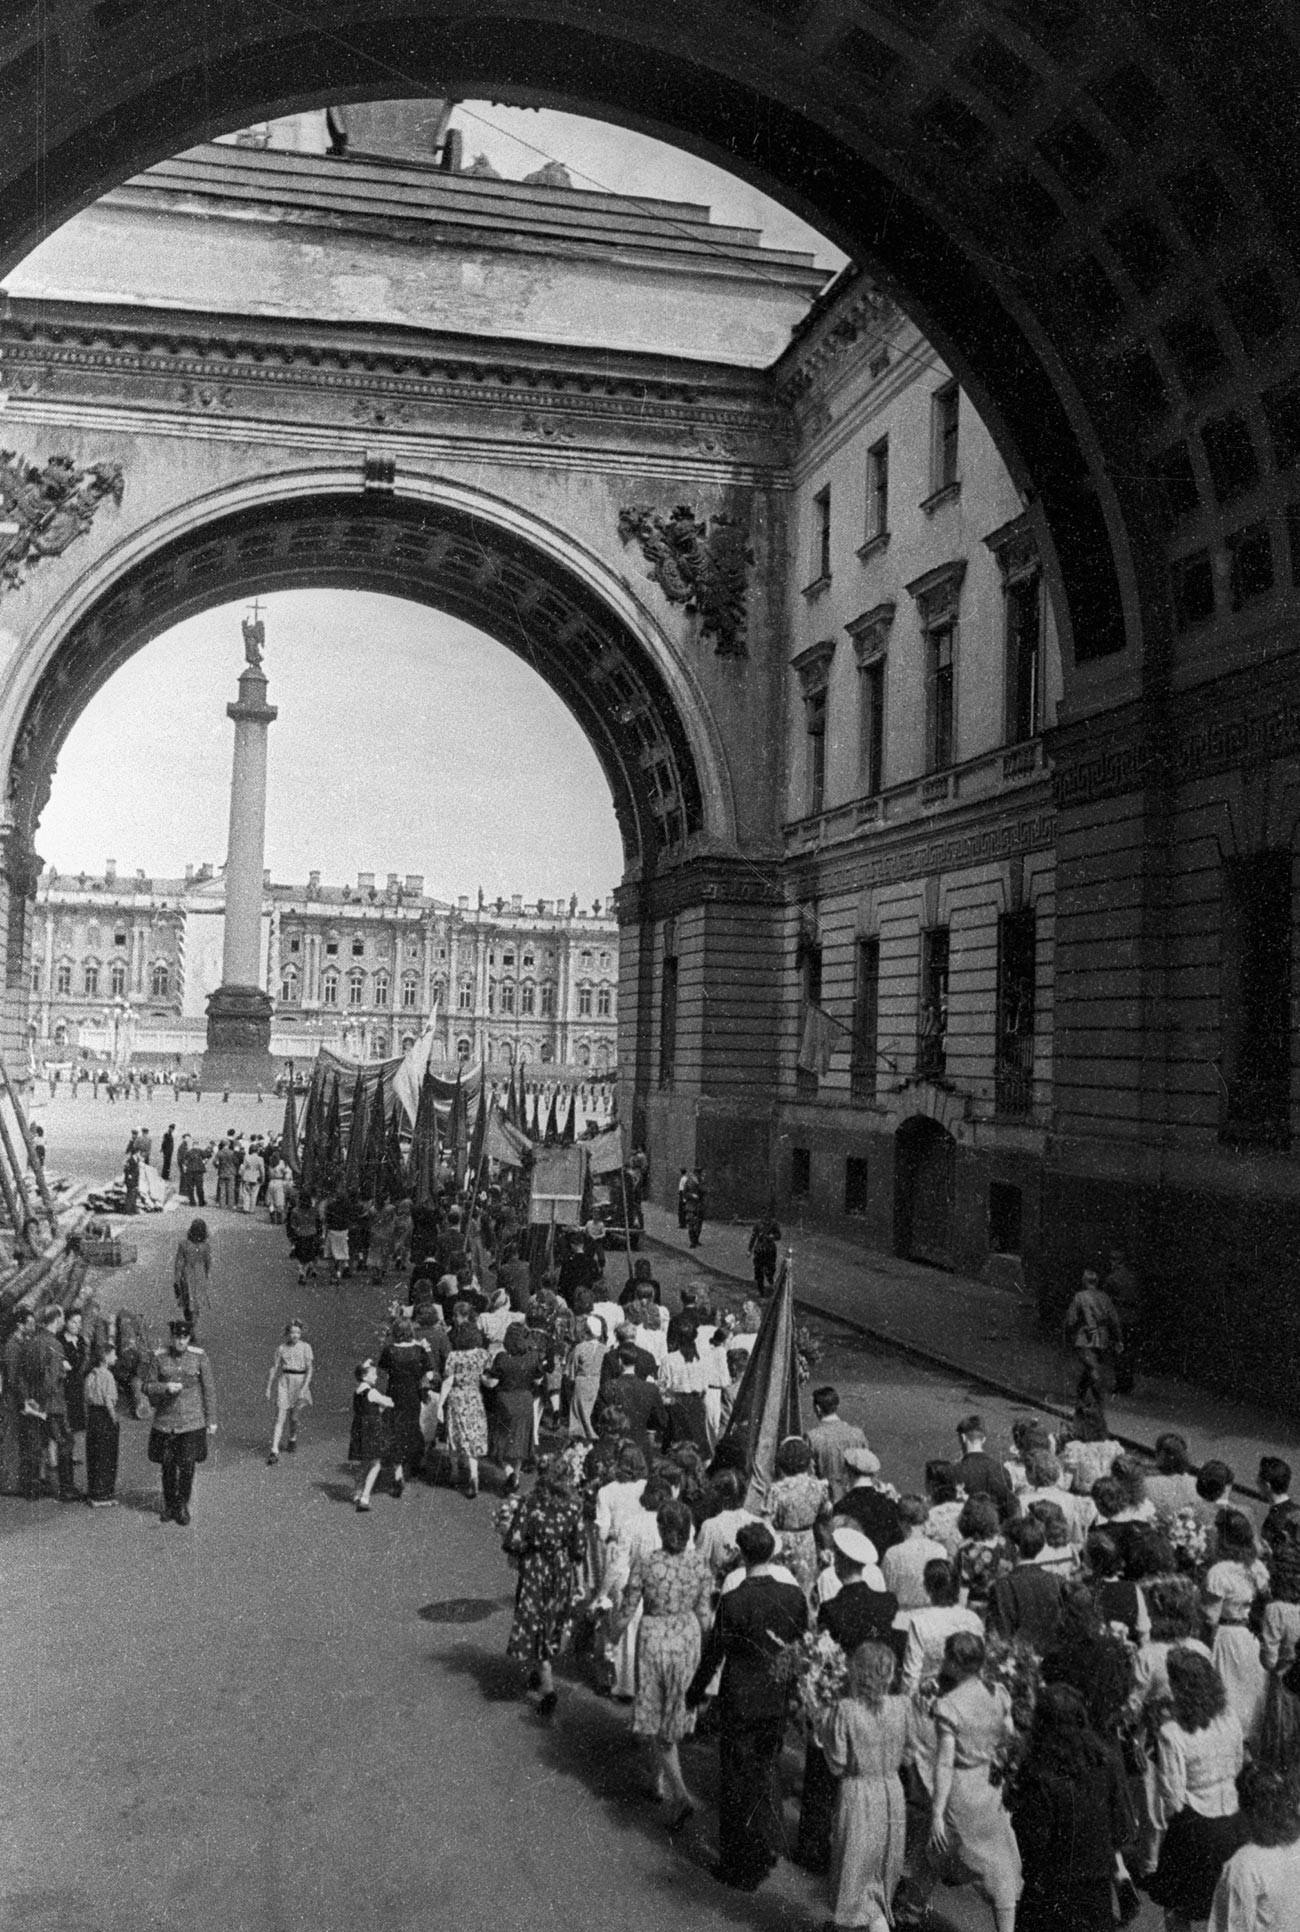 Manidestação sob o Arco do Triunfo.